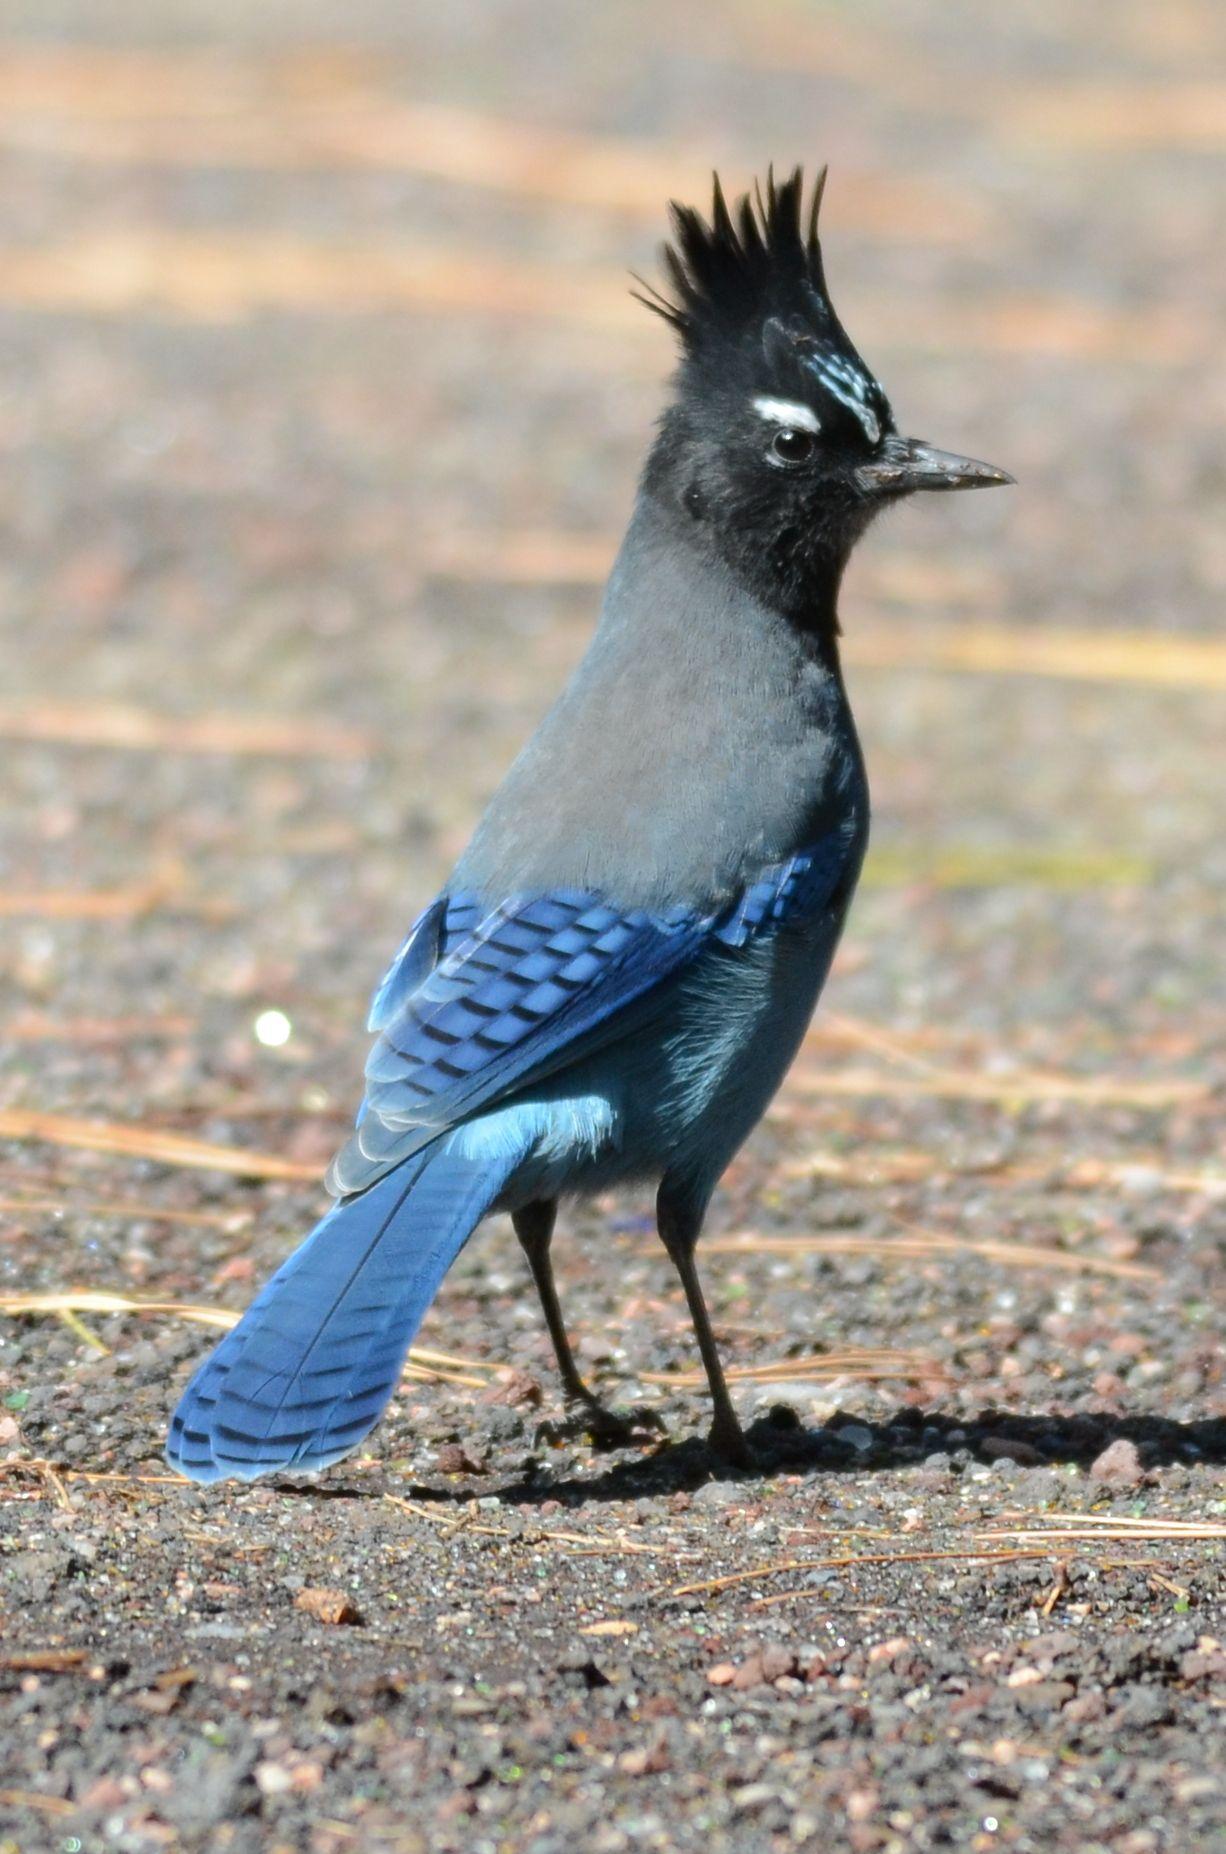 Steller's jay. El arrendajo de Steller o chara crestada es una especie de ave paseriforme de la familia de los córvidos de vivo color azulado ampliamente distribuido por Norteamérica y Centroamérica. SB